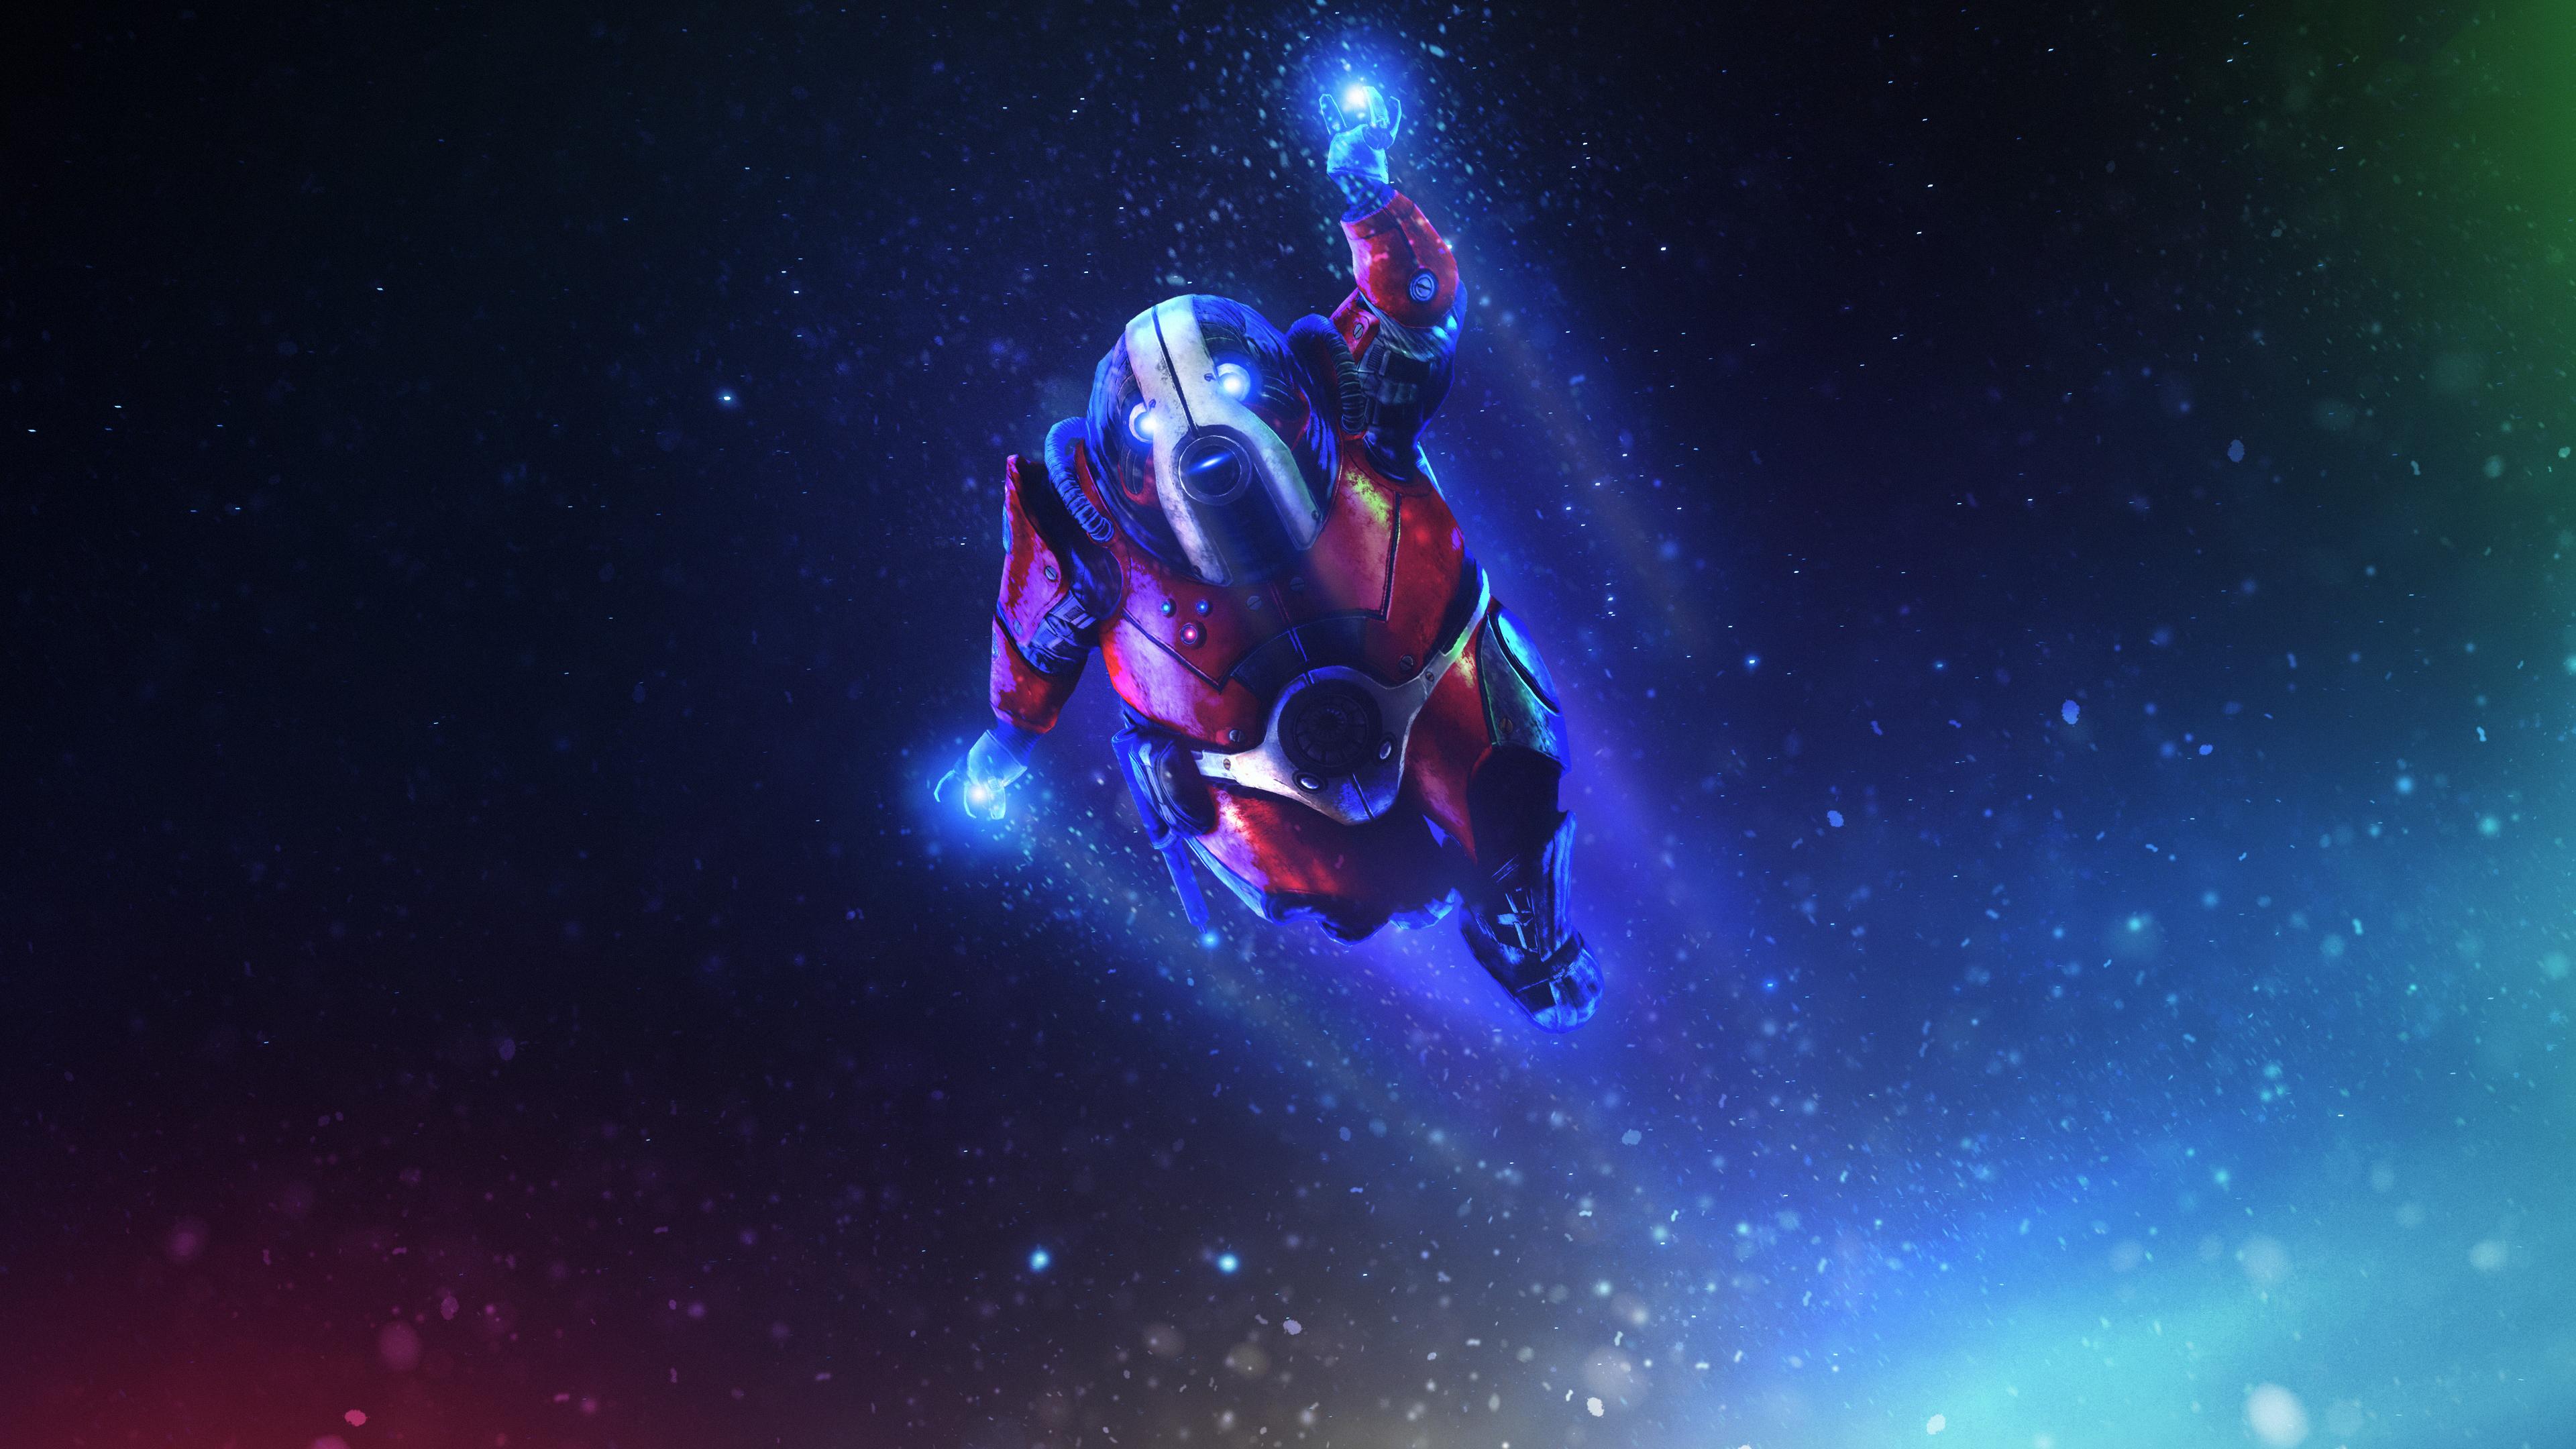 Wallpaper 4k Biotic Winter Mass Effect Andromeda Biotic Winter